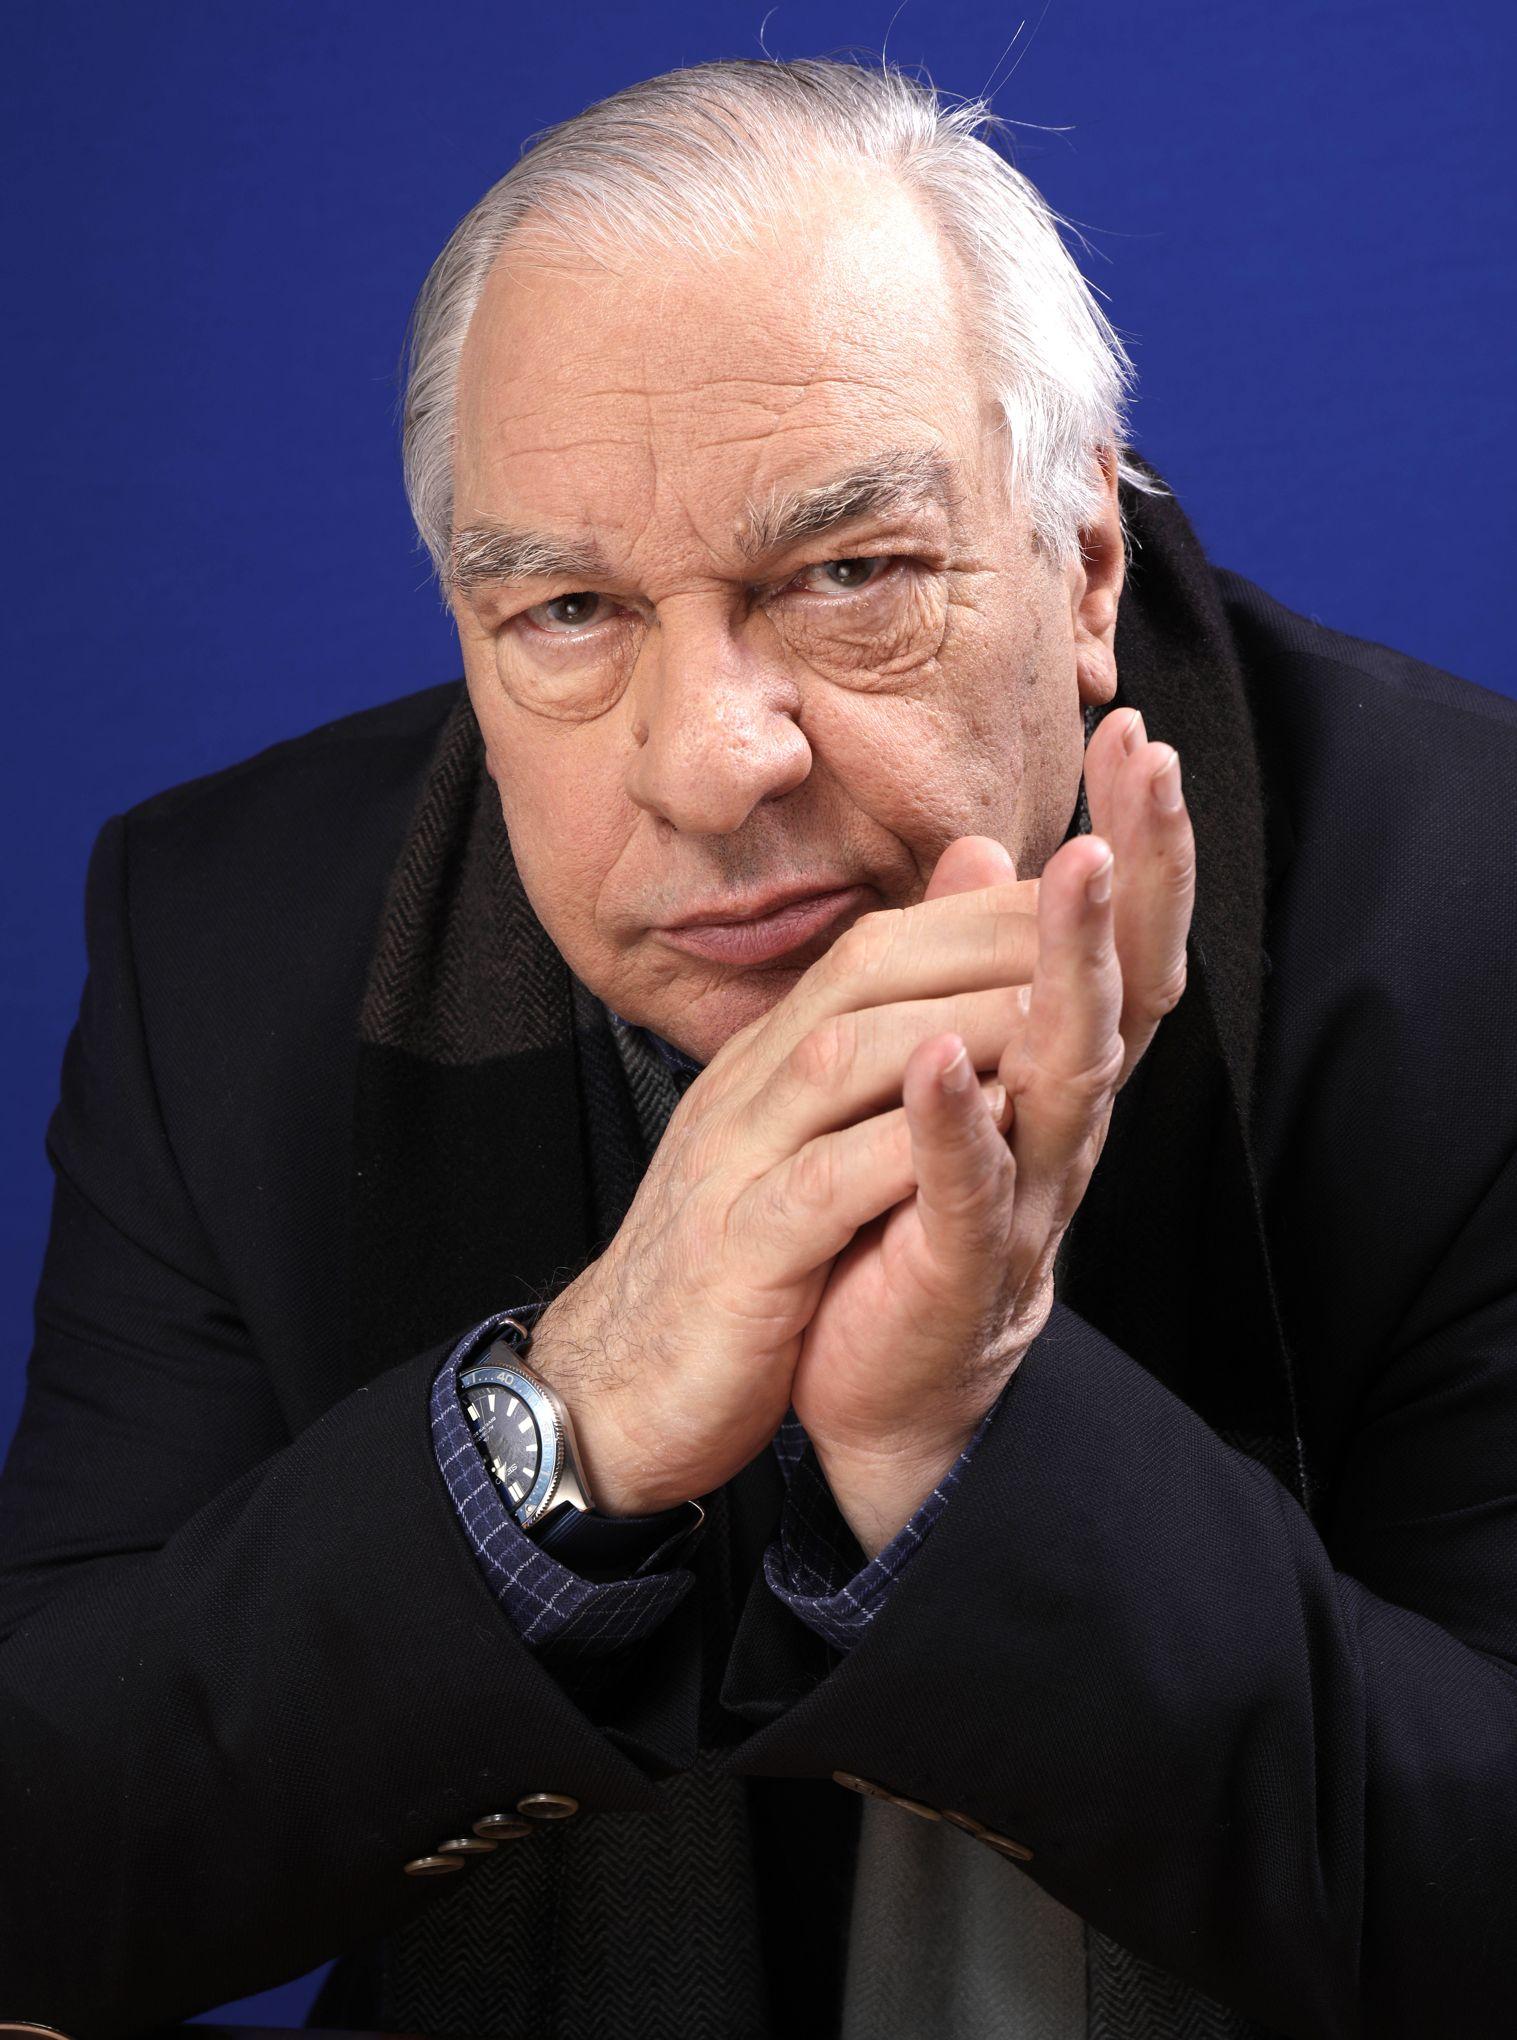 Didier Decoin, élu président de l'académie Goncourt